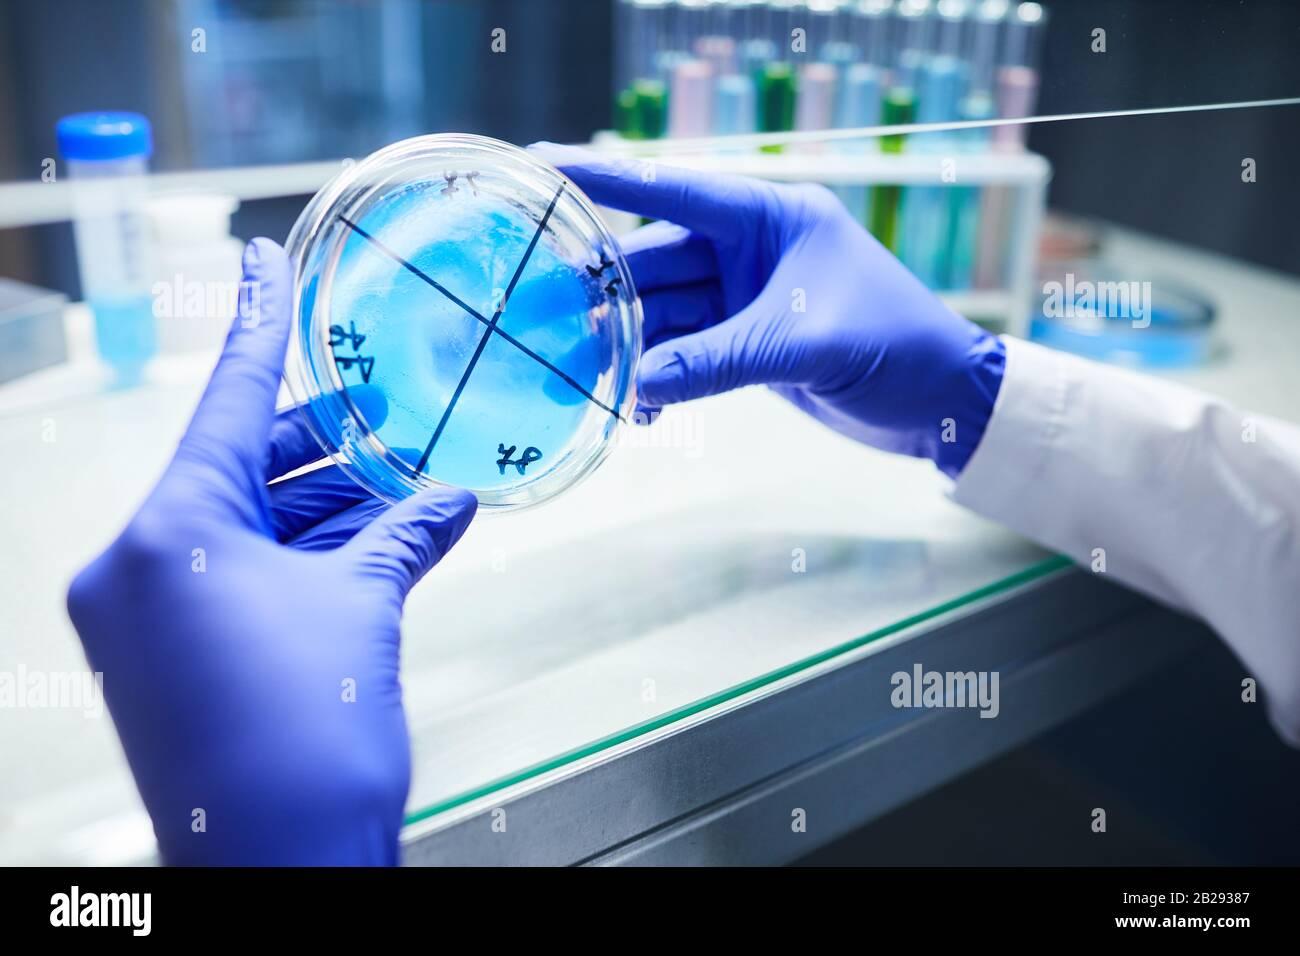 Primer plano de científico con guantes manos sosteniendo un plato de Petri mientras se trabaja en la investigación biológica en laboratorio, espacio de copia Foto de stock